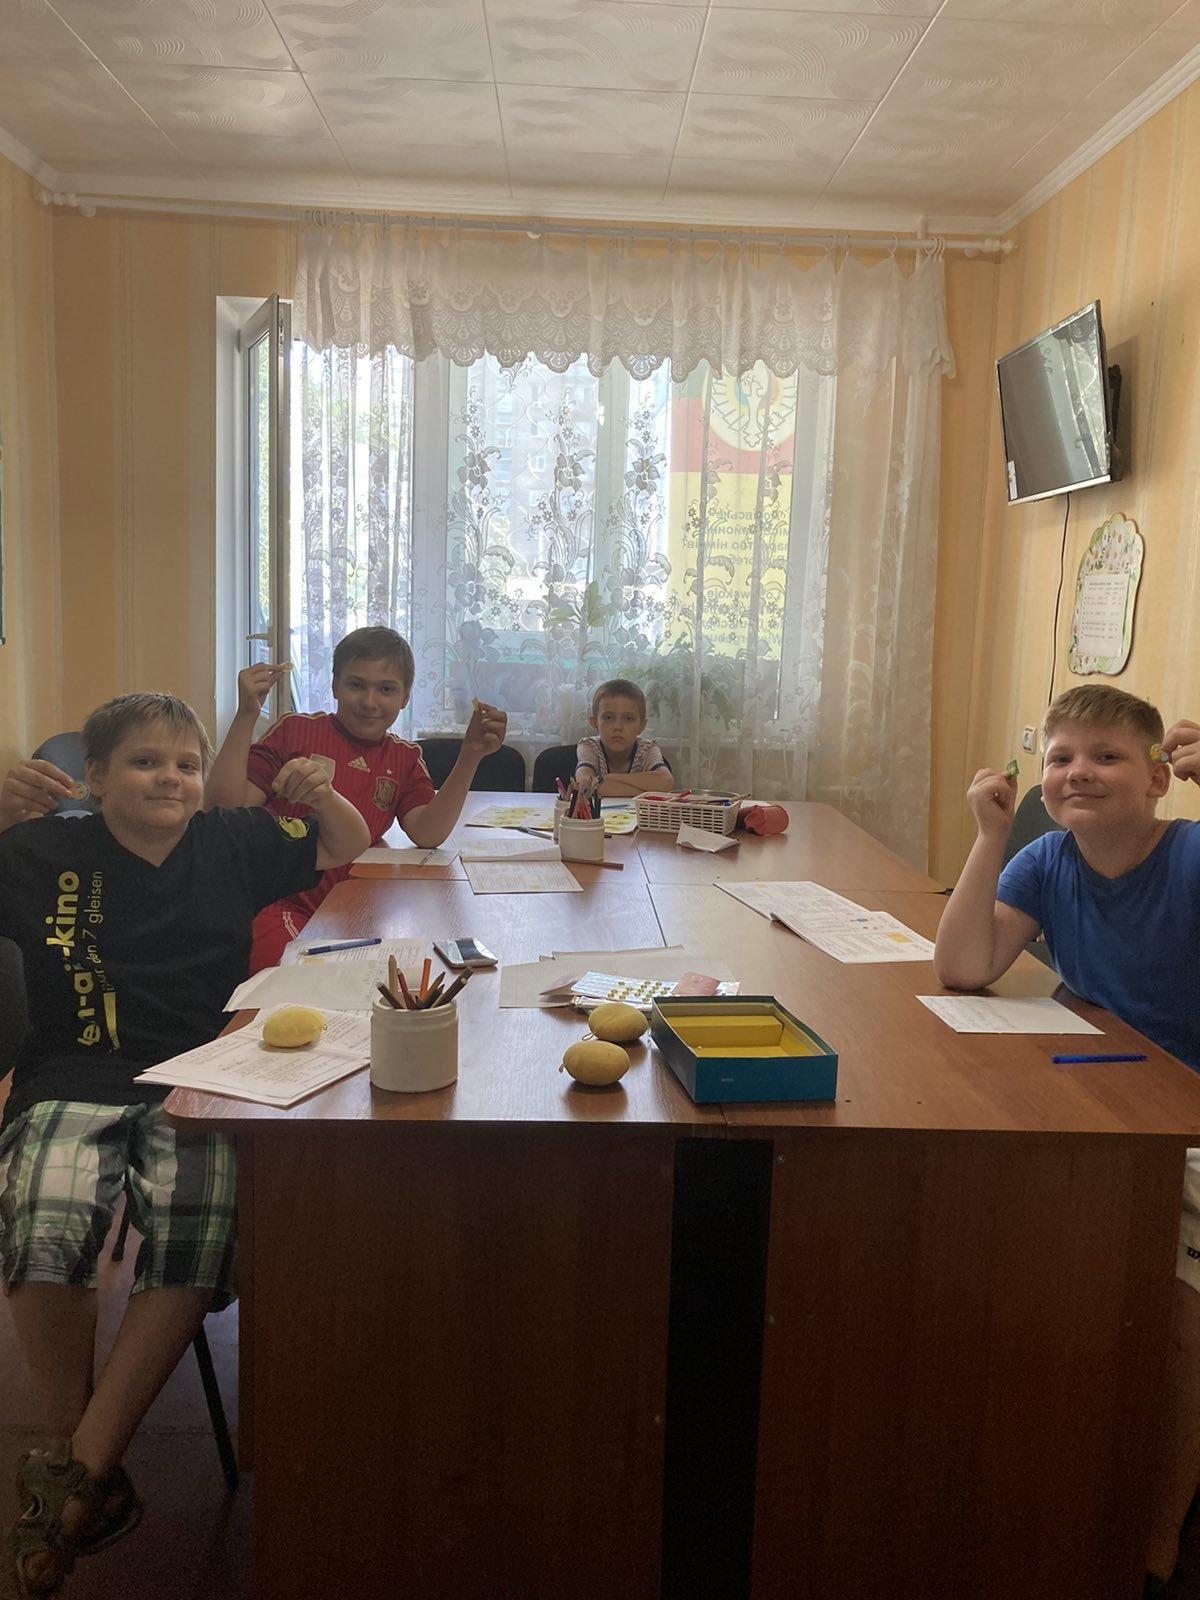 Развитие ребенка в Лозовой, помимо школы и детсада, фото-90